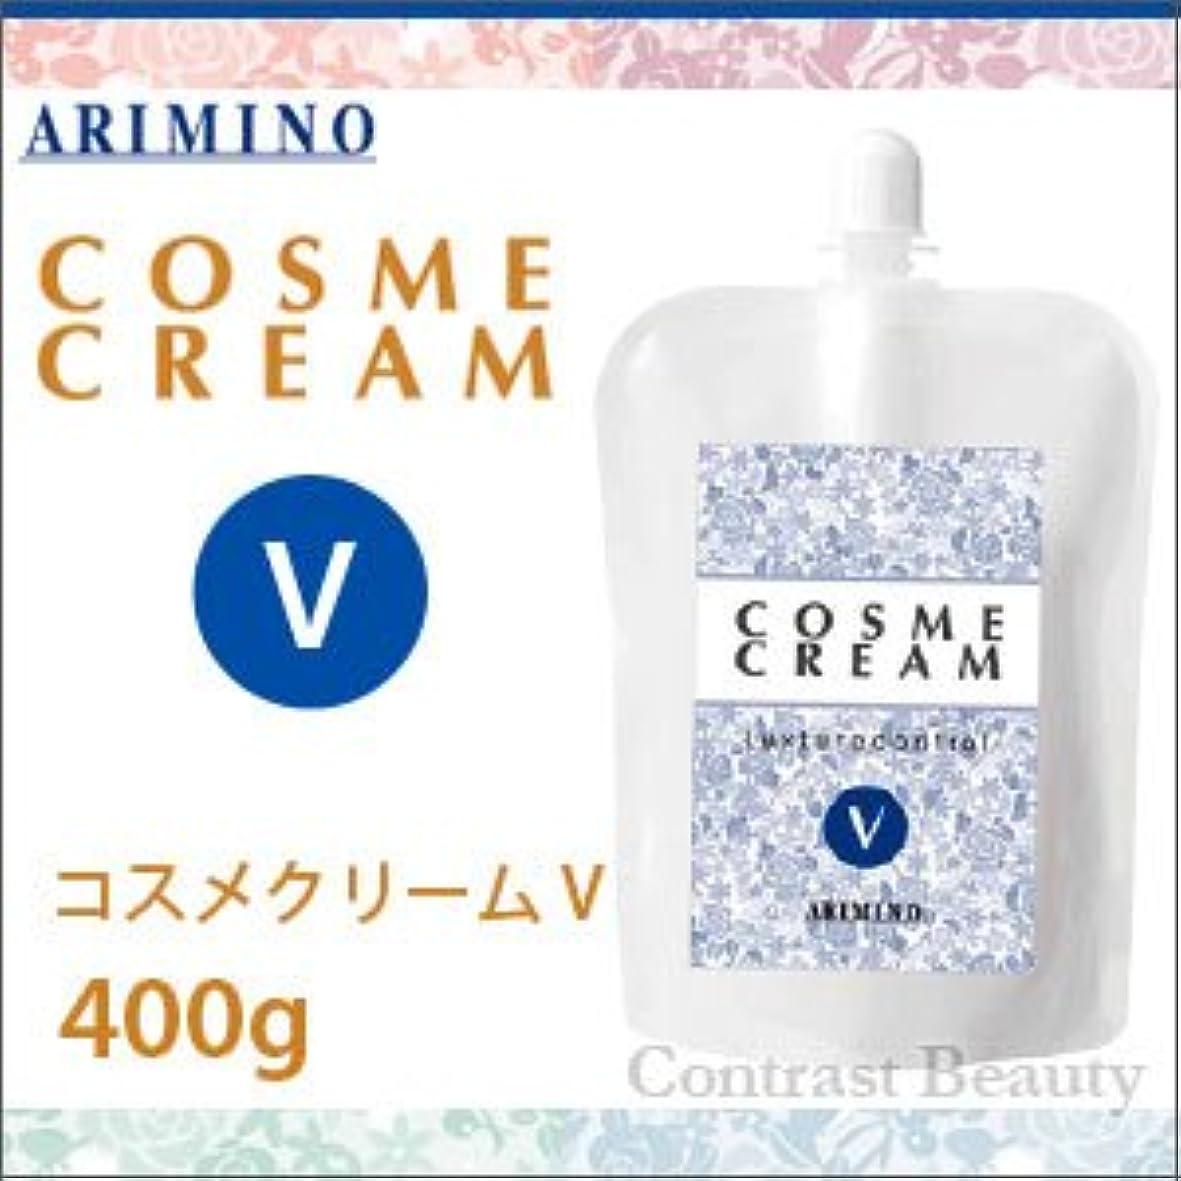 体系的に感謝するほこりっぽい【X5個セット】 アリミノ コスメクリーム V 400g